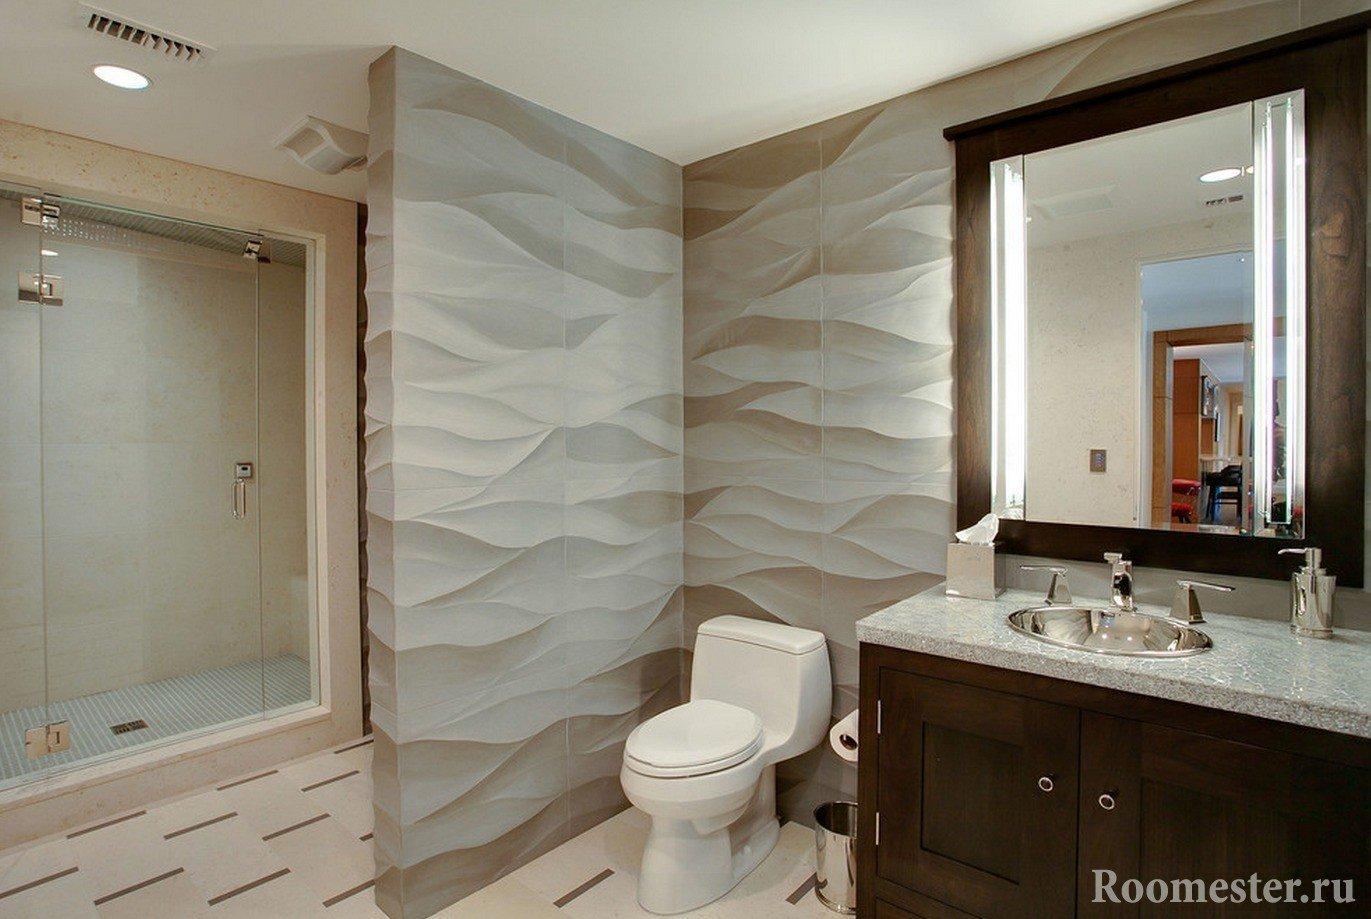 3д панели в интерьере ванной